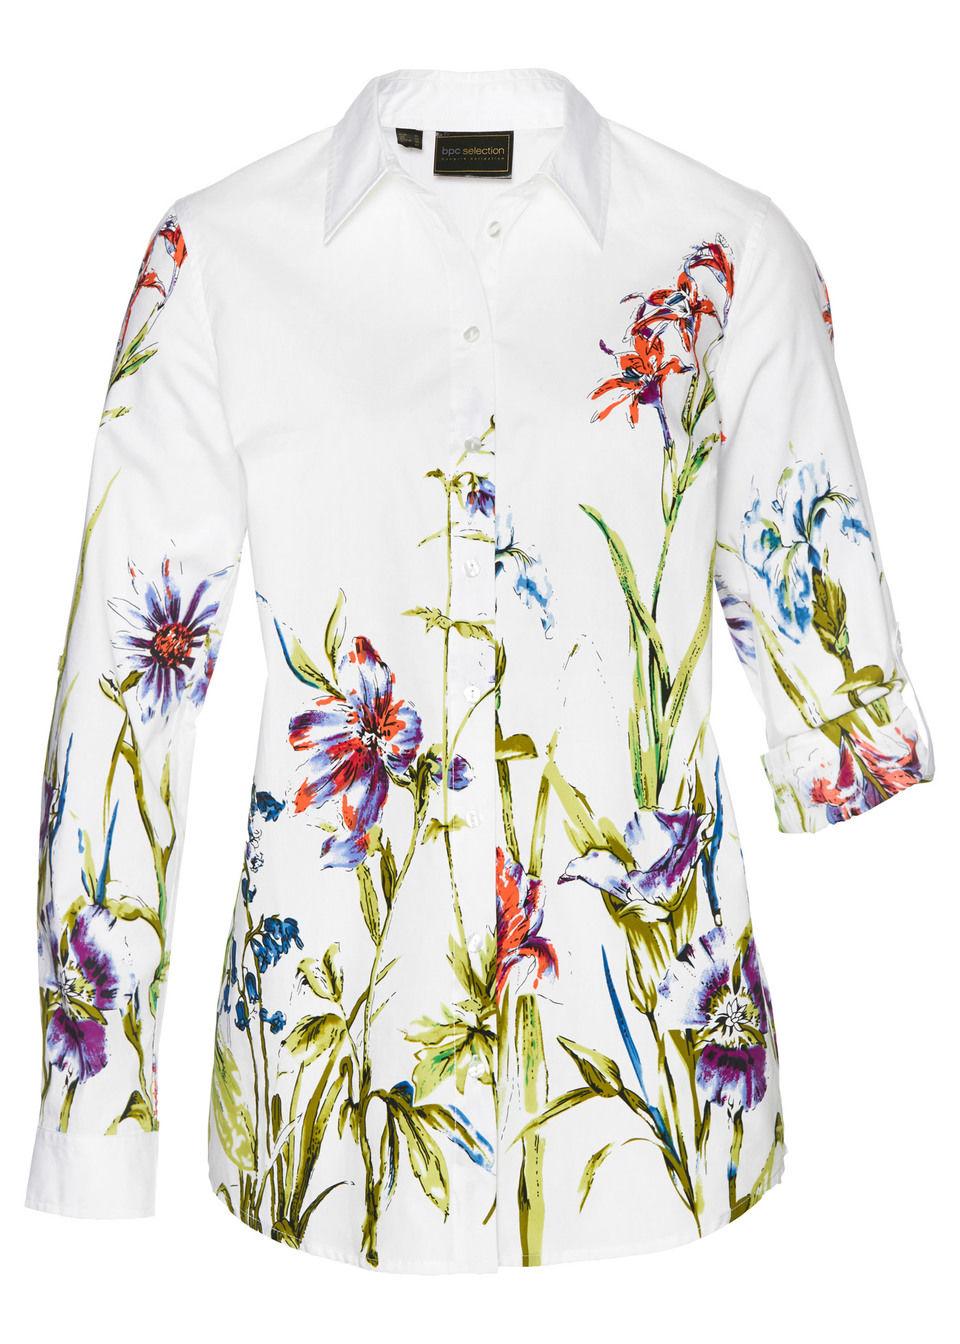 Купить Блузка с цветочным принтом, bonprix, белый в цветочек